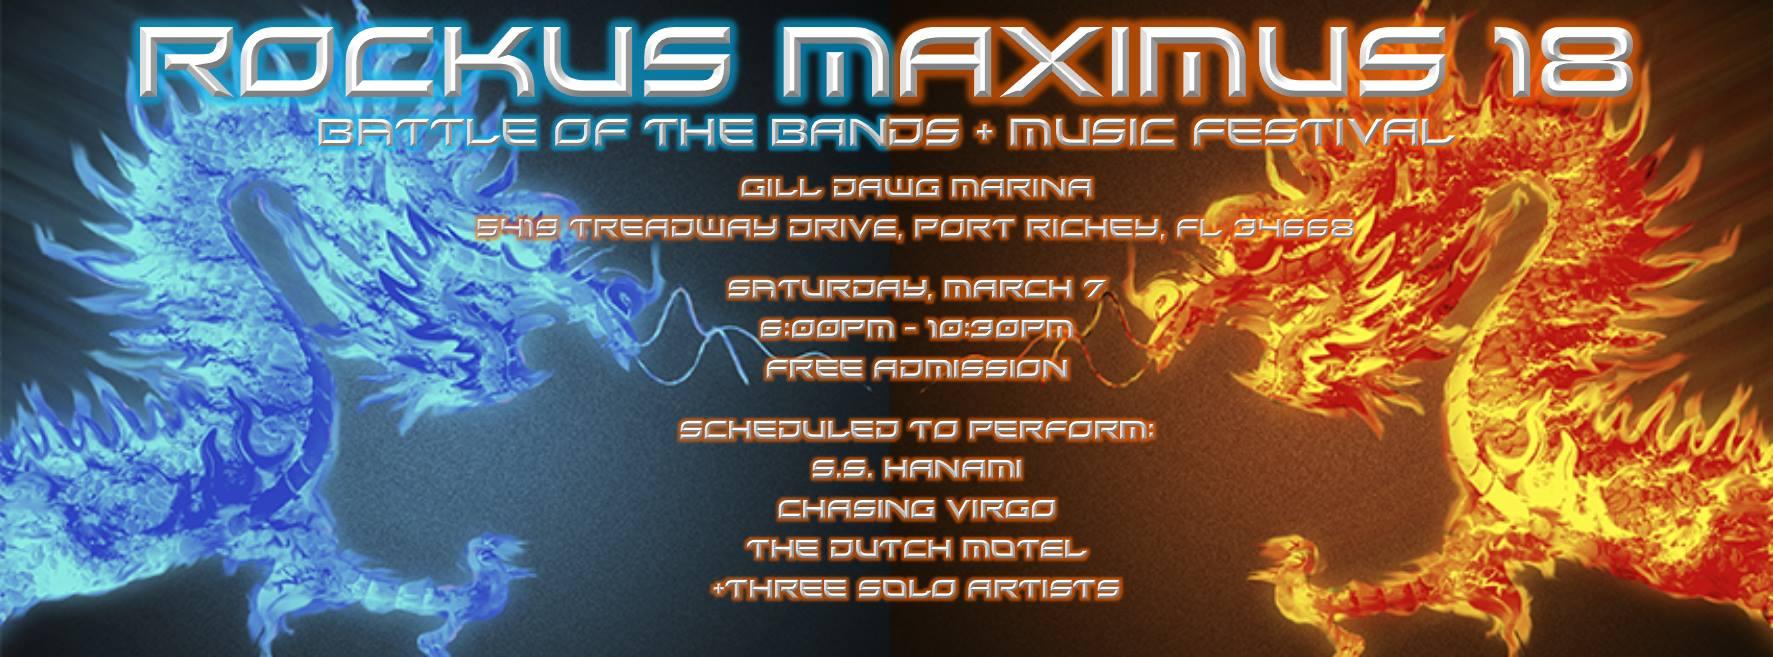 March 7 Rockus Maximus